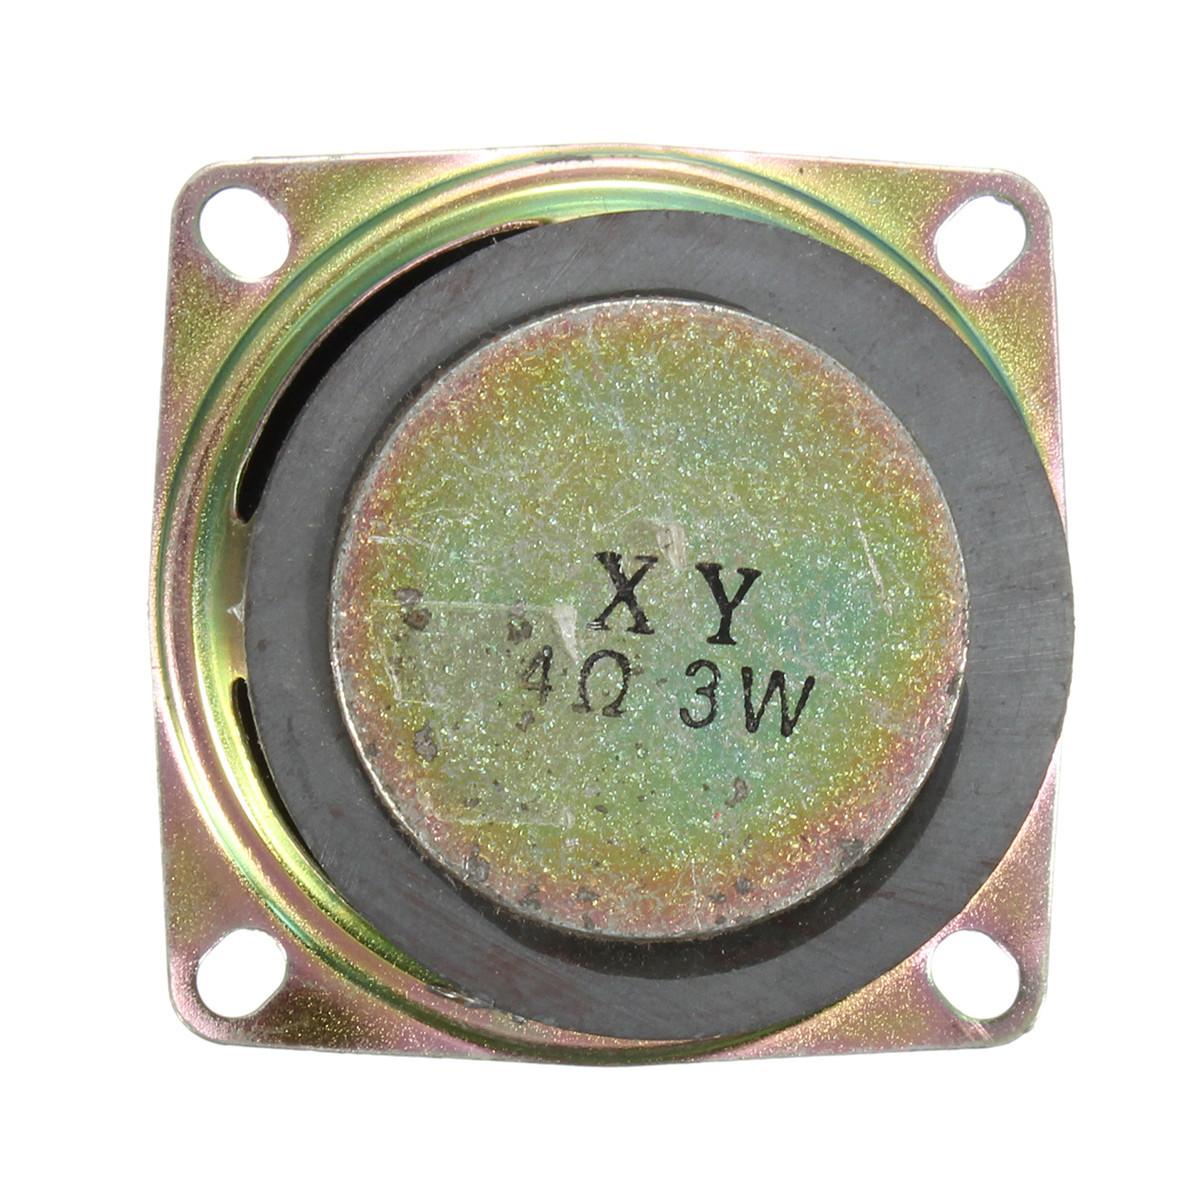 2Pcs 52mm 2 inch 4Ohm 3W Full Range Audio Speaker Stereo Woofer Loudspeaker A4S1